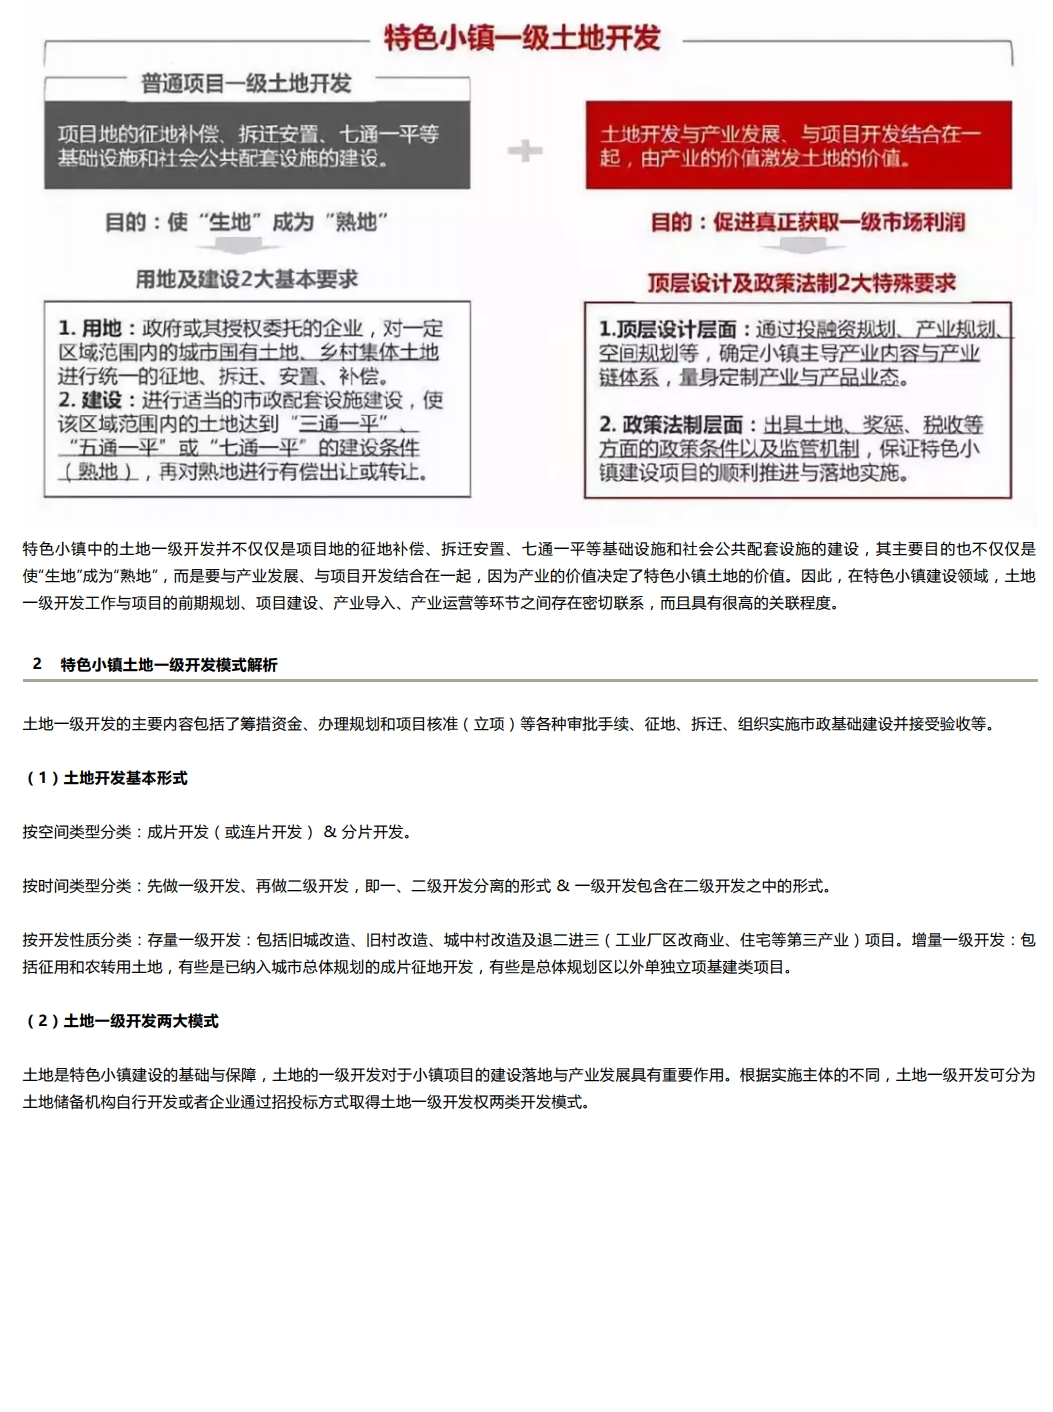 乡村镇心雕刻时光 (1).png